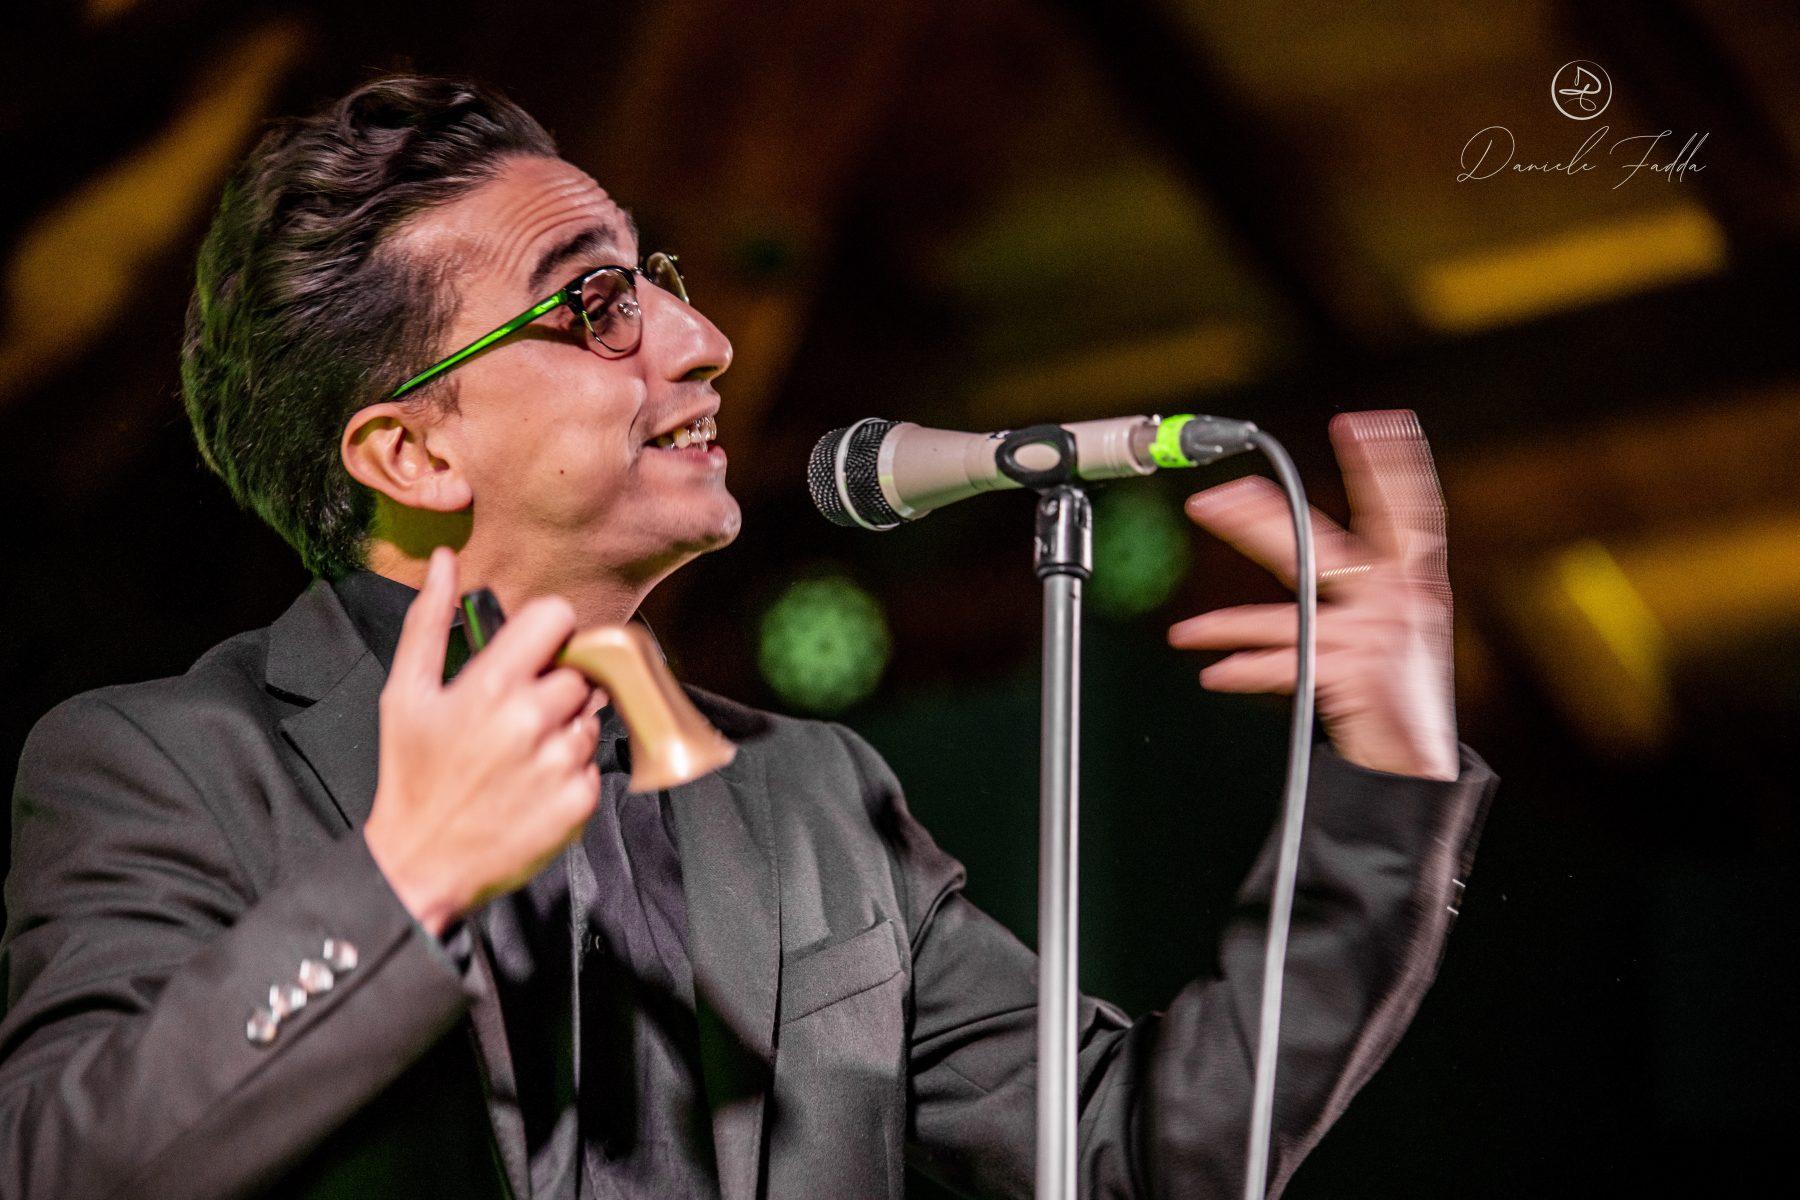 kme - live report - la città di notte - daniele fadda - sa scena sarda - 2019 - karel music expo